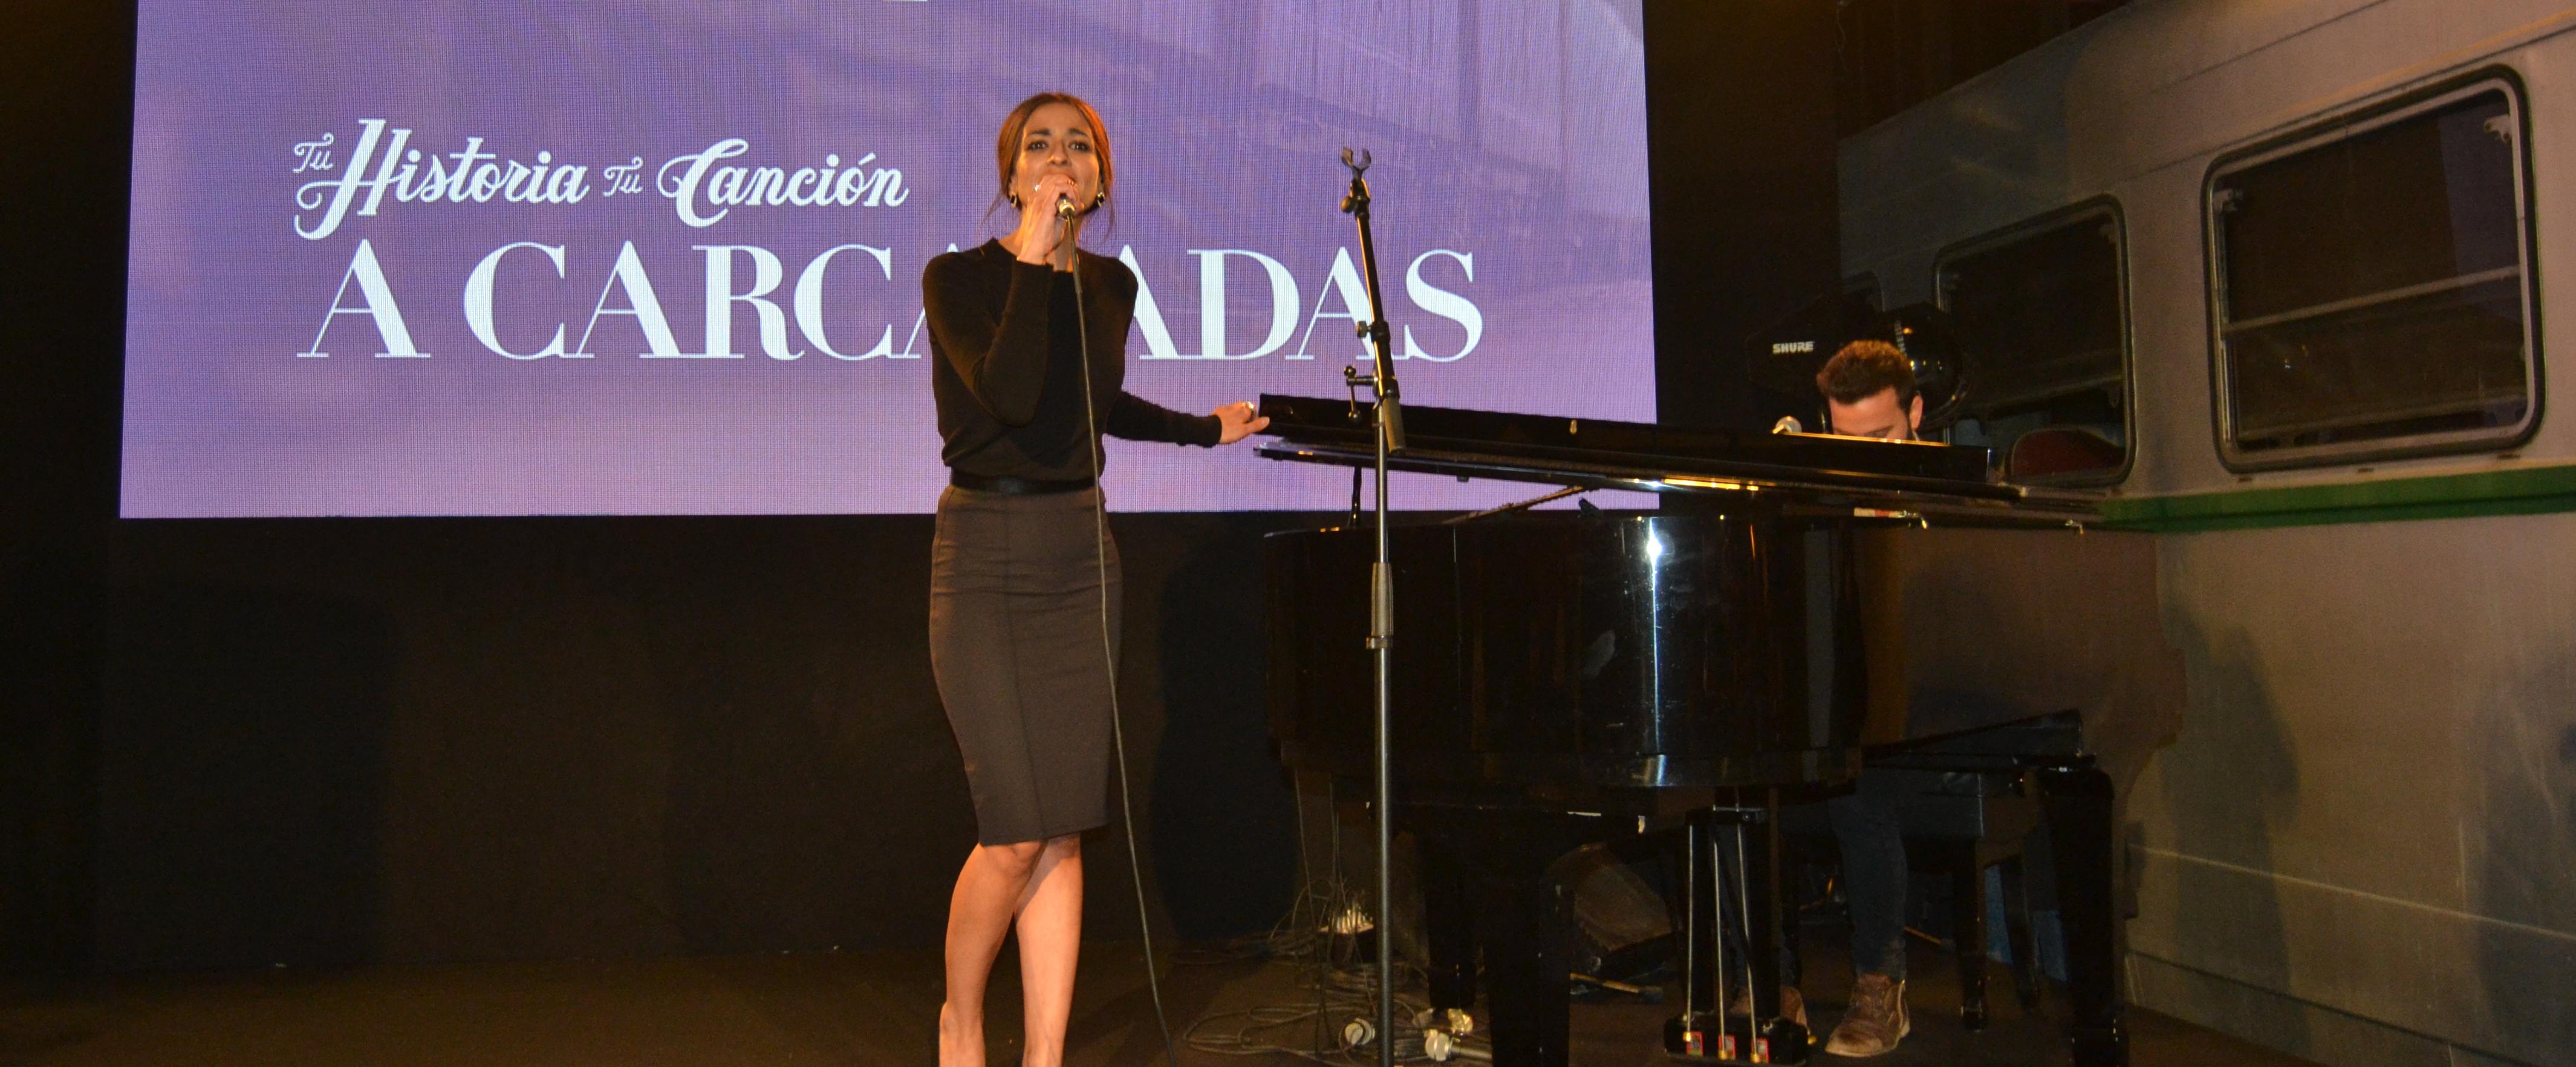 """Los artistas Bebe y Zelada presentan la canción """"A Carcajadas"""" en el Museo del Ferrocarril de Madrid"""